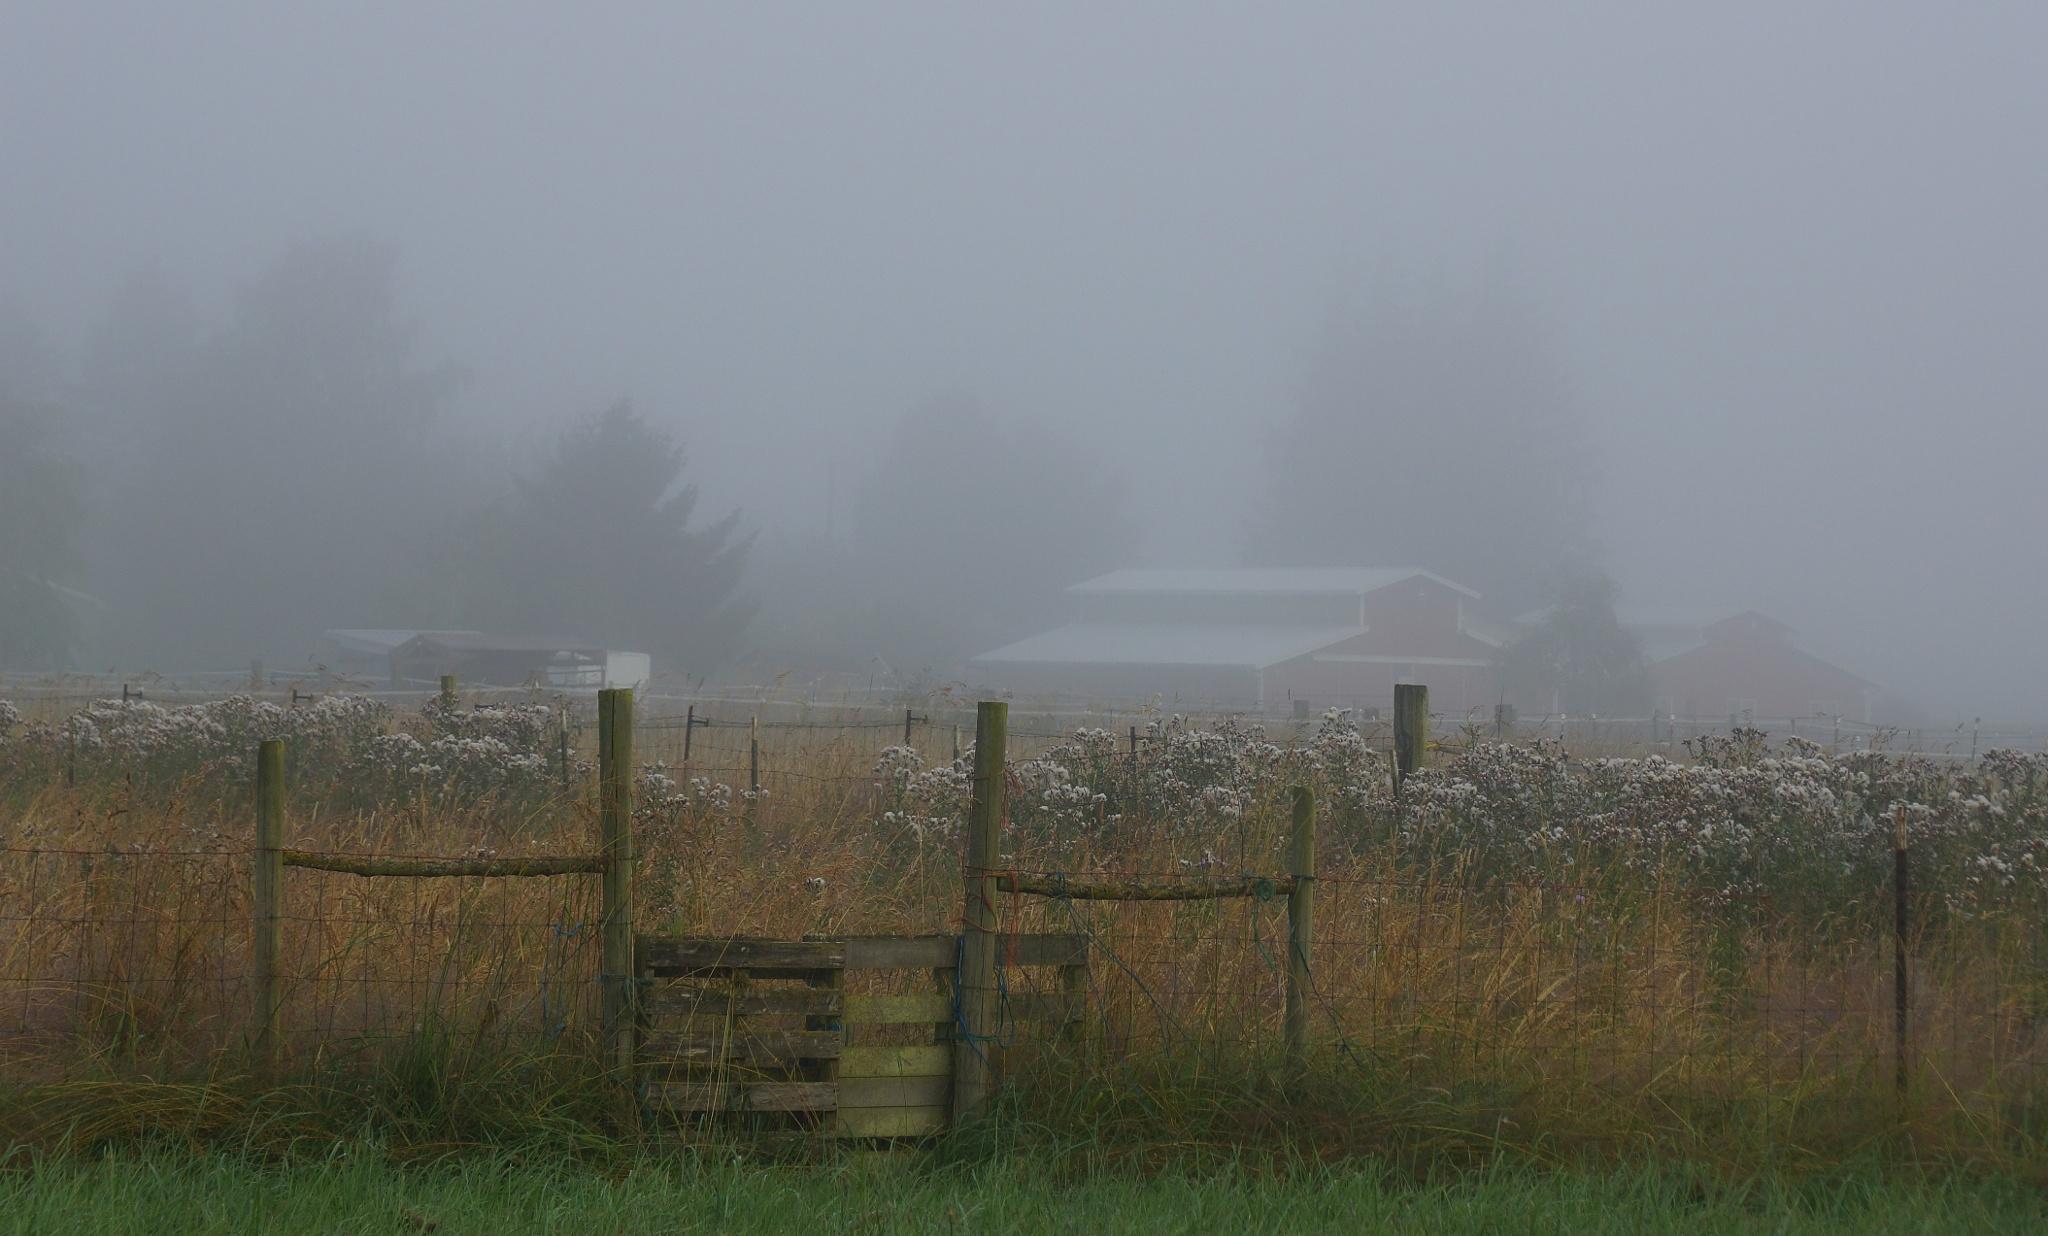 gate and barn in fog by allenhagler59663852